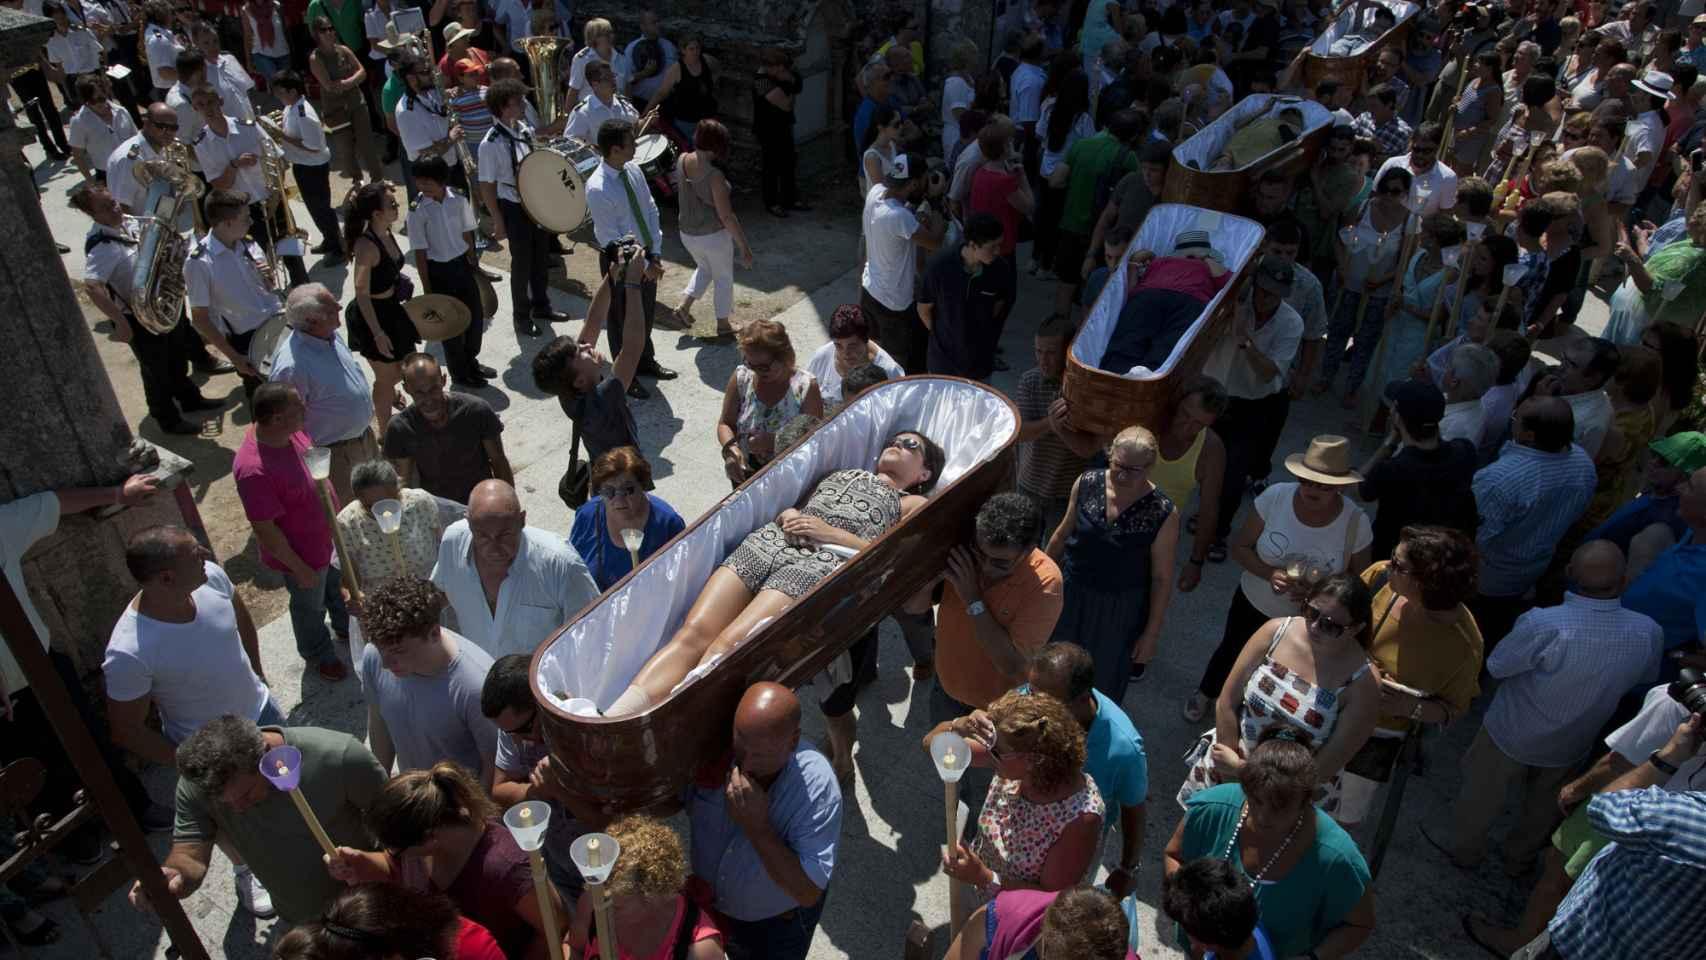 Los féretros salen de la capilla con los vivos en su interior.